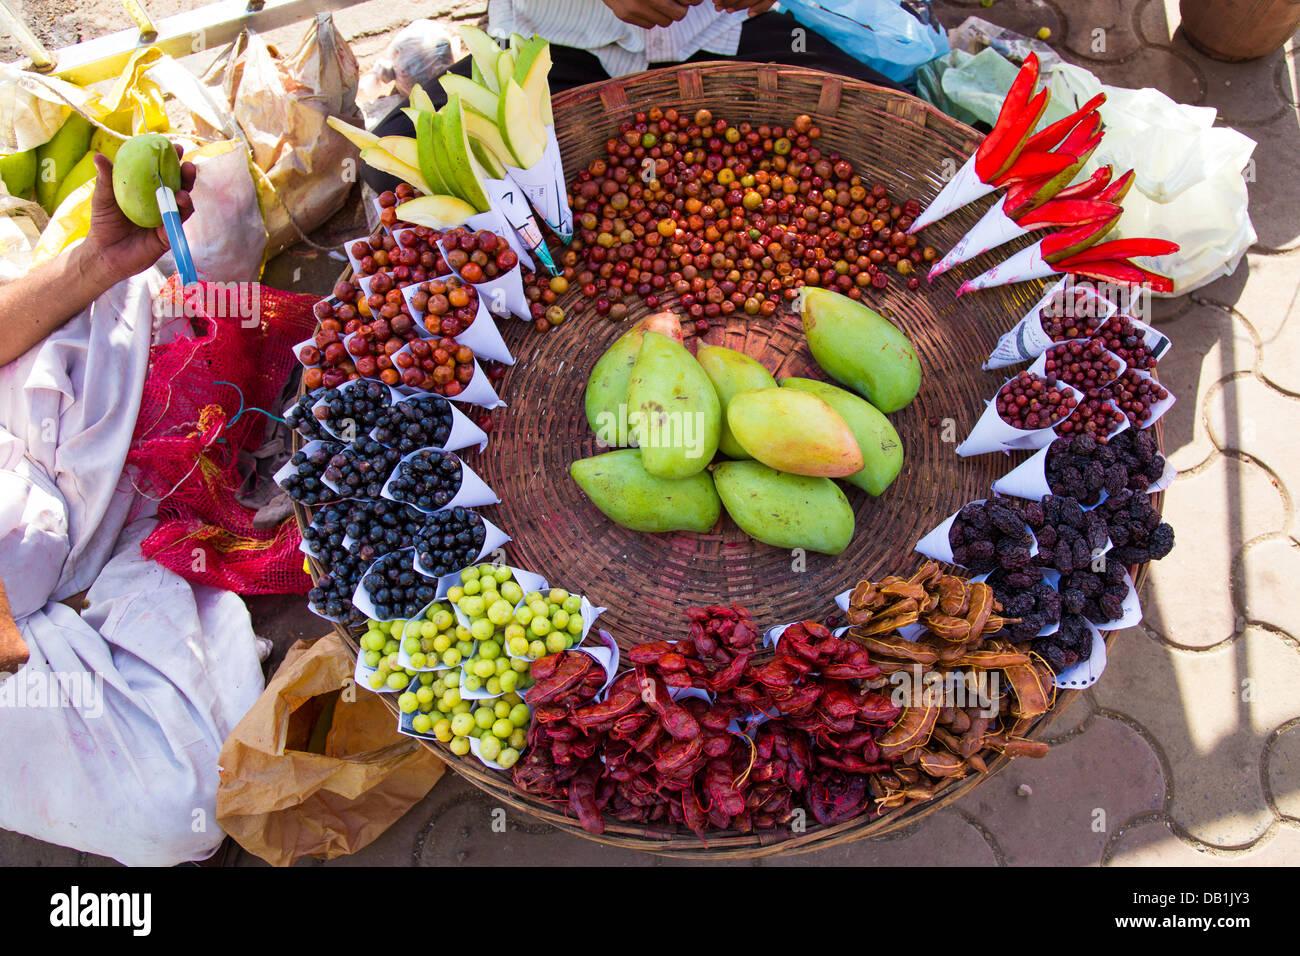 Des fruits, des collations d'aliments de rue à Mumbai, Inde Photo Stock